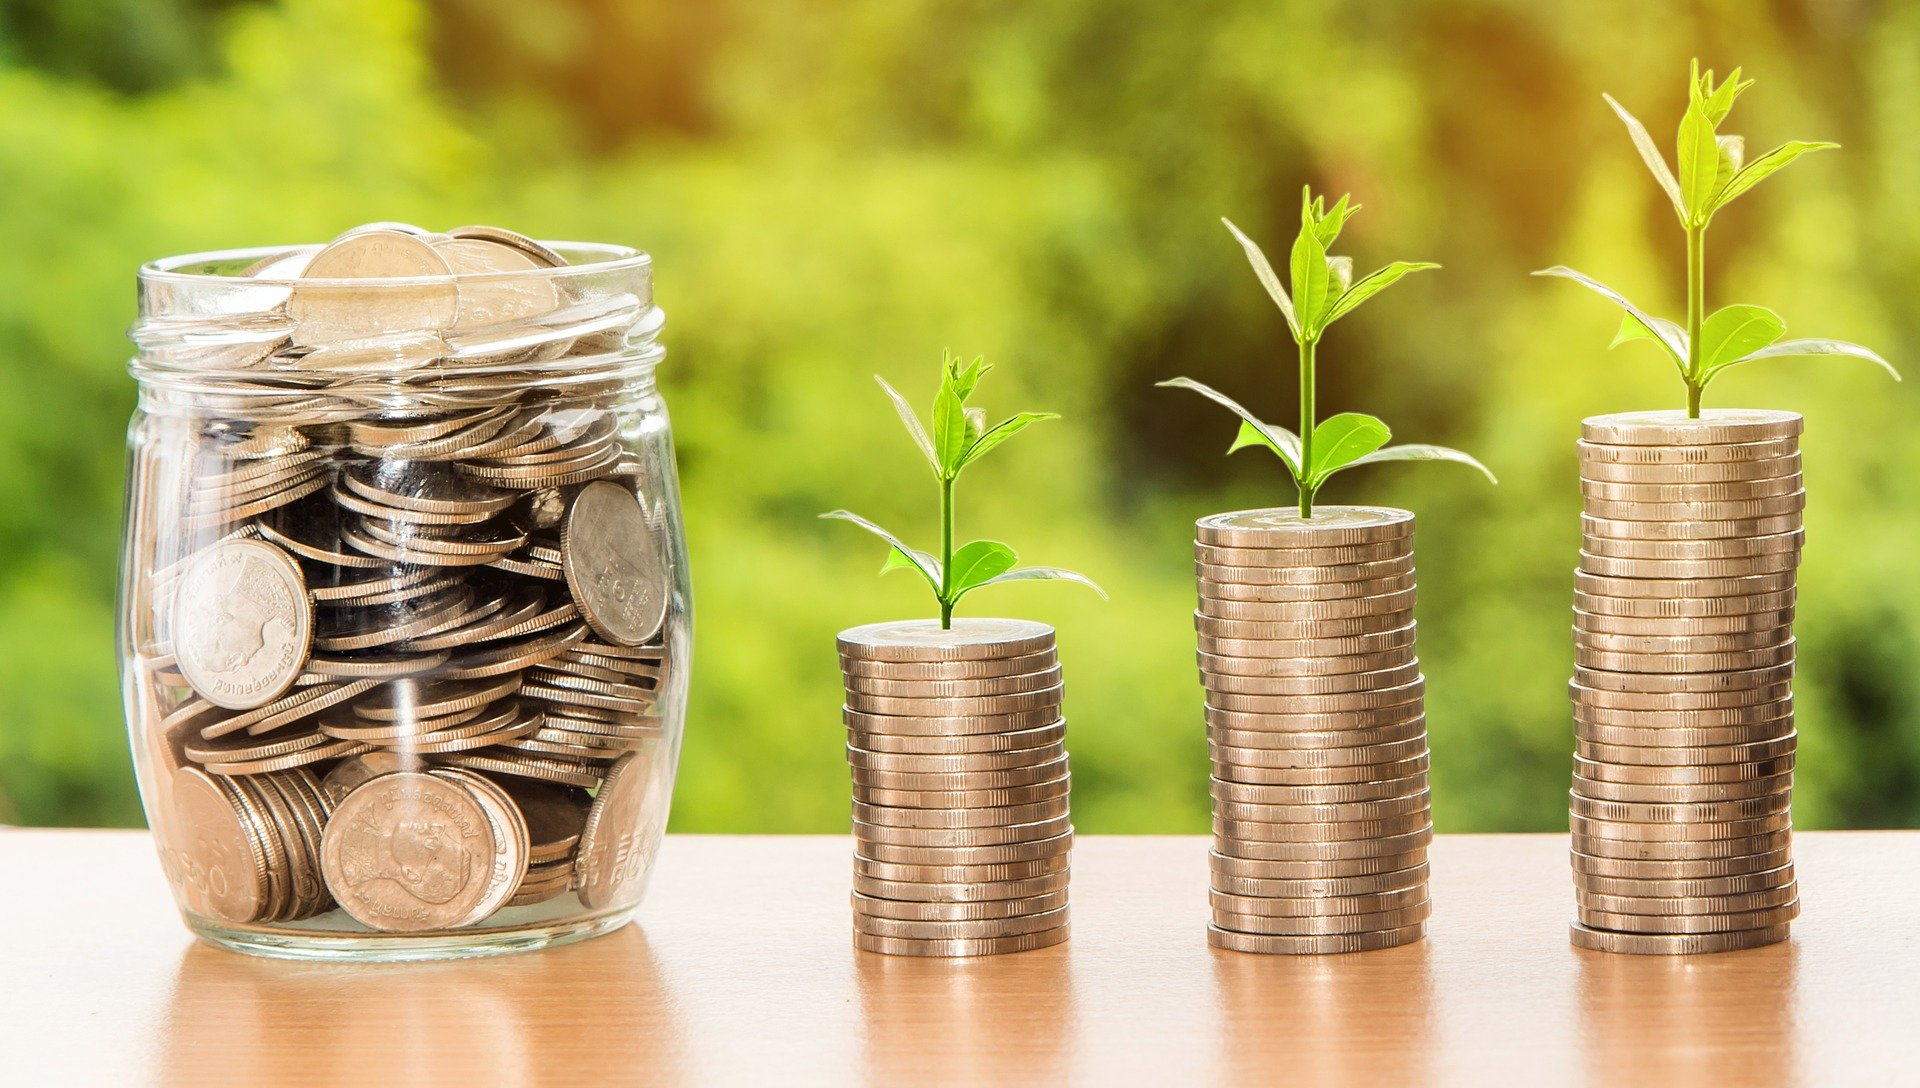 Passives Einkommen ist eine gute Möglichkeit, zusätzliches Einkommen zu generieren